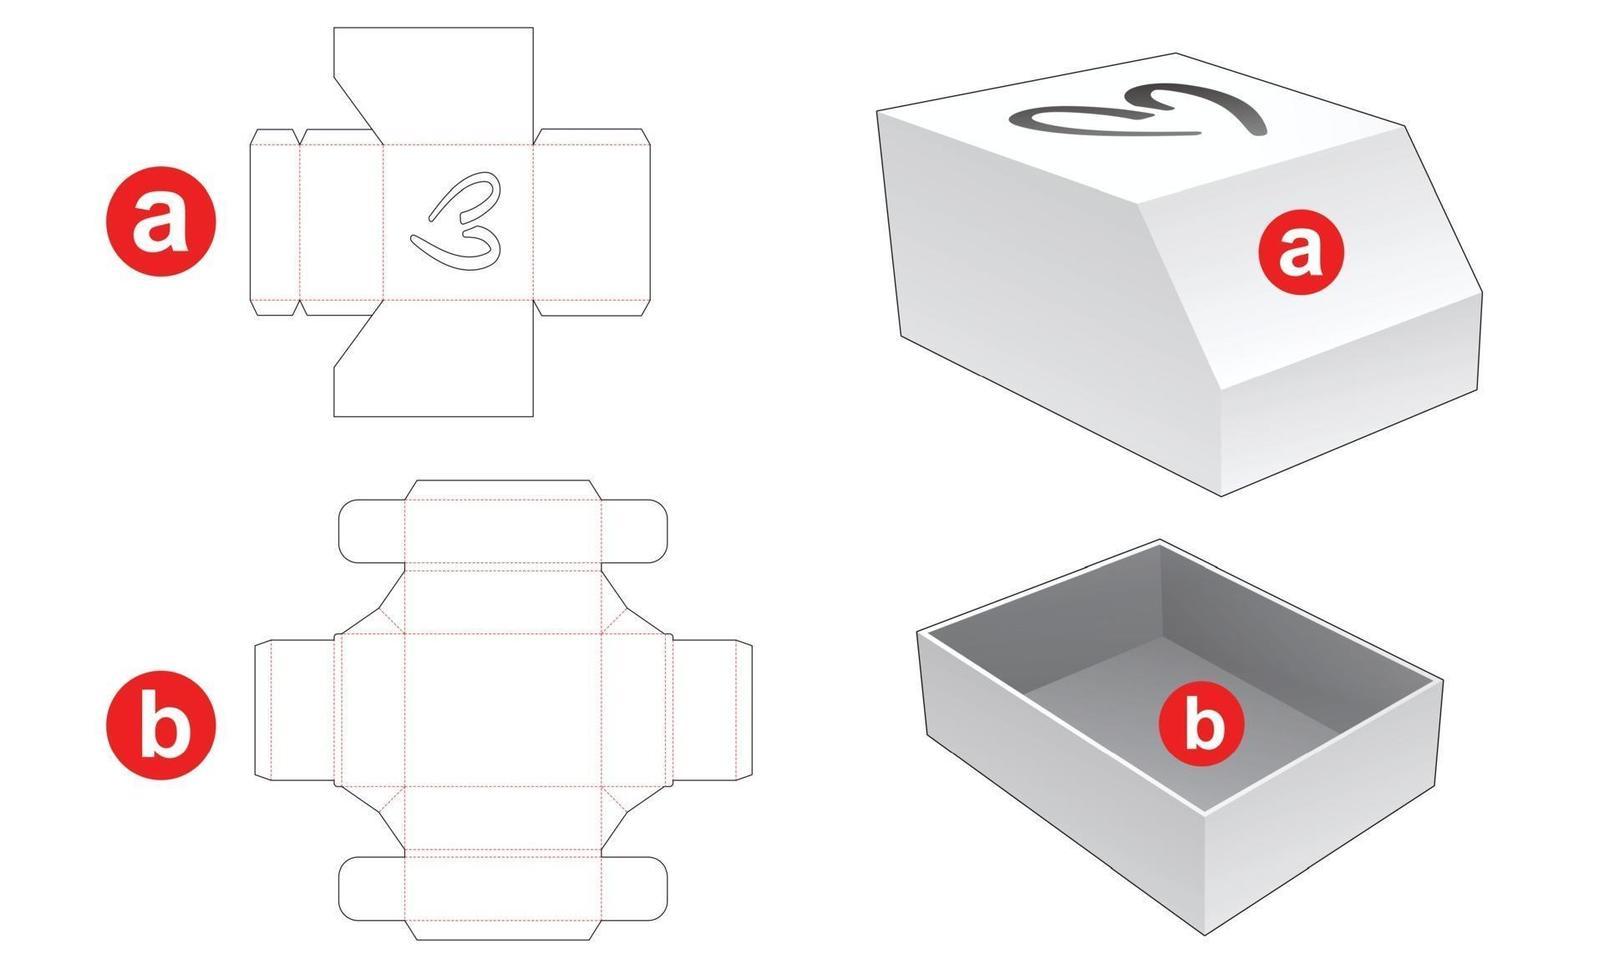 caixa e tampa chanfrada com molde de corte de coração para janela vetor